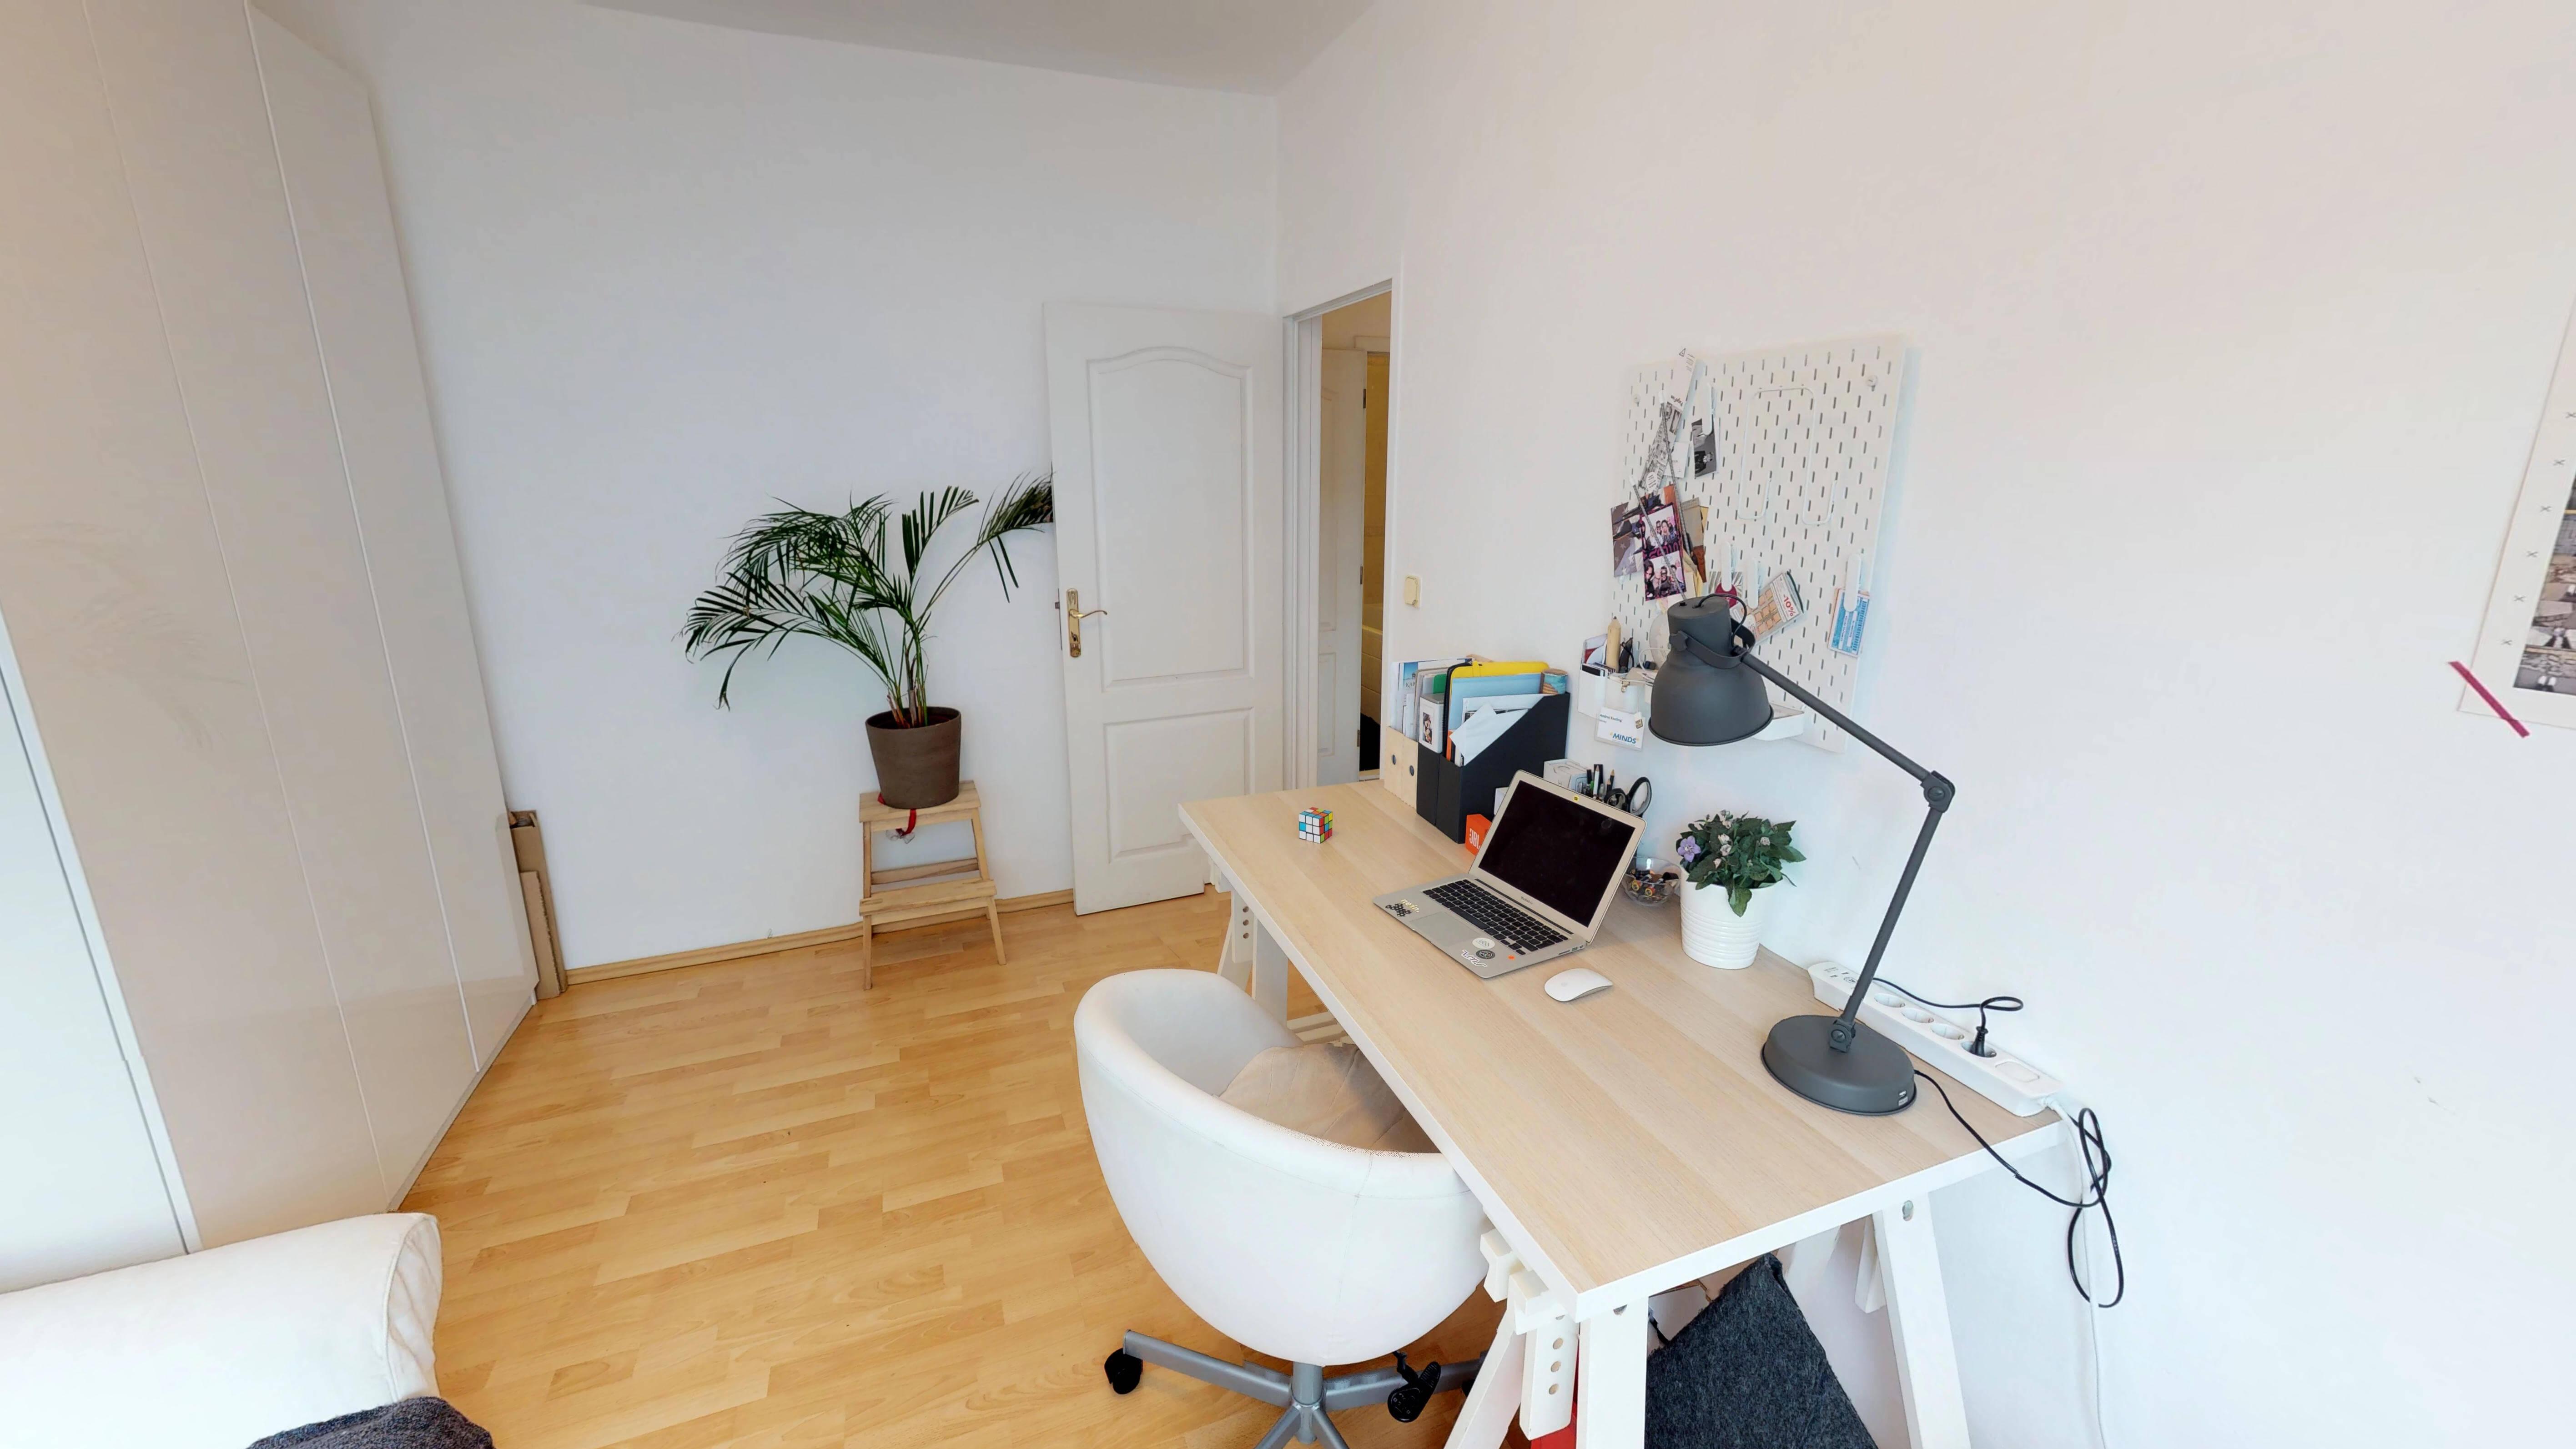 Predané Predaj exkluzívneho 3 izb. bytu,v Ružinove, ulica Palkovičová, blízko Trhoviska Miletičky v Bratislave, 68m2, kompletne zariadený-4